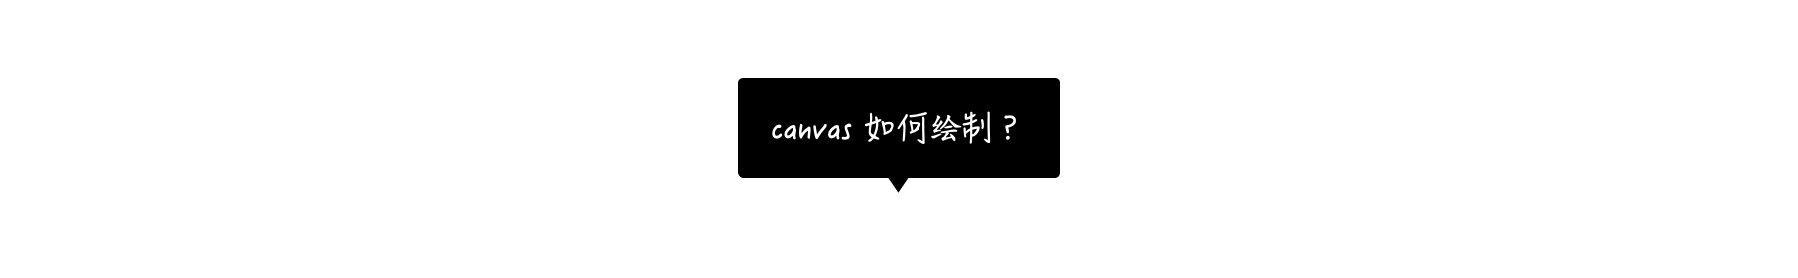 image-20210606205856074